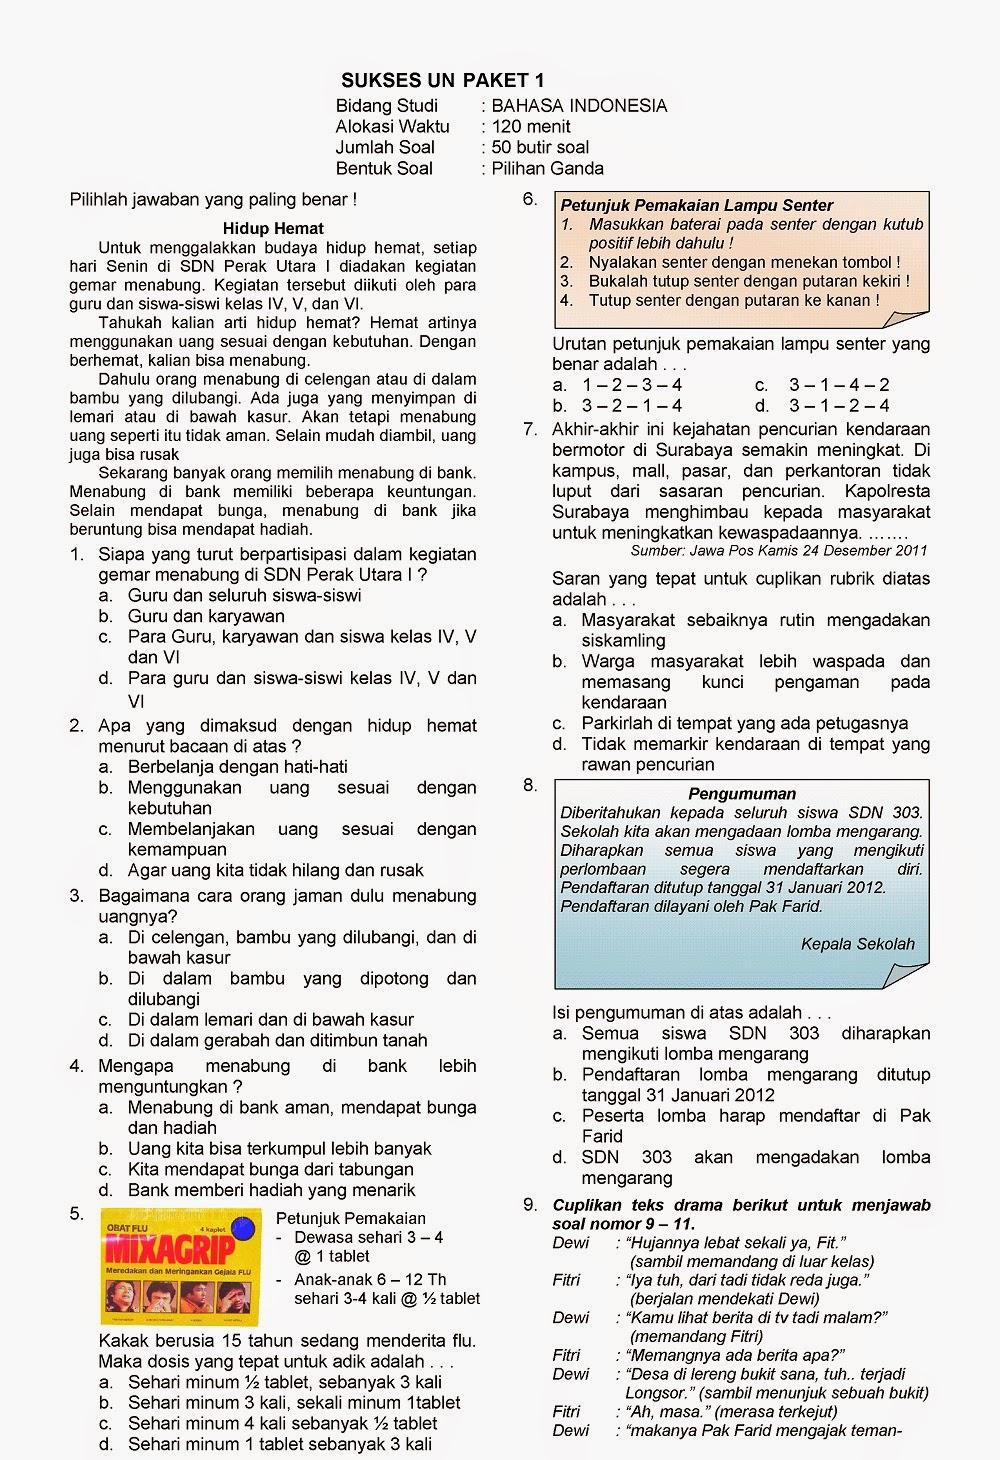 Kunci Jawaban Bahasa Sunda Kelas 5 Kaulinan Barudak